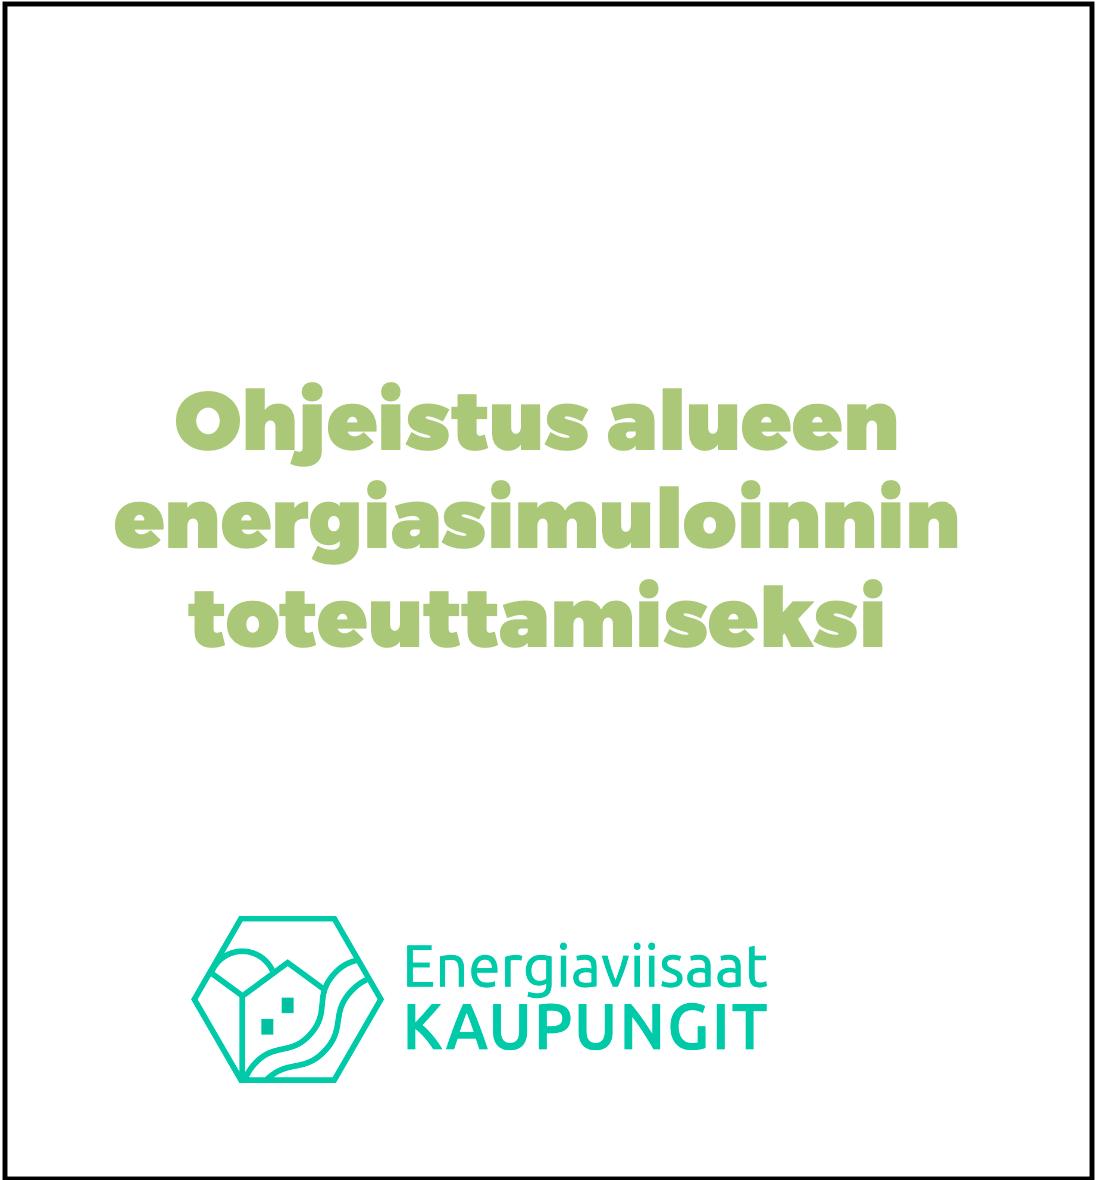 Cover for article 'Ohjeistus alueen energiasimuloinnin toteuttamikseksi'